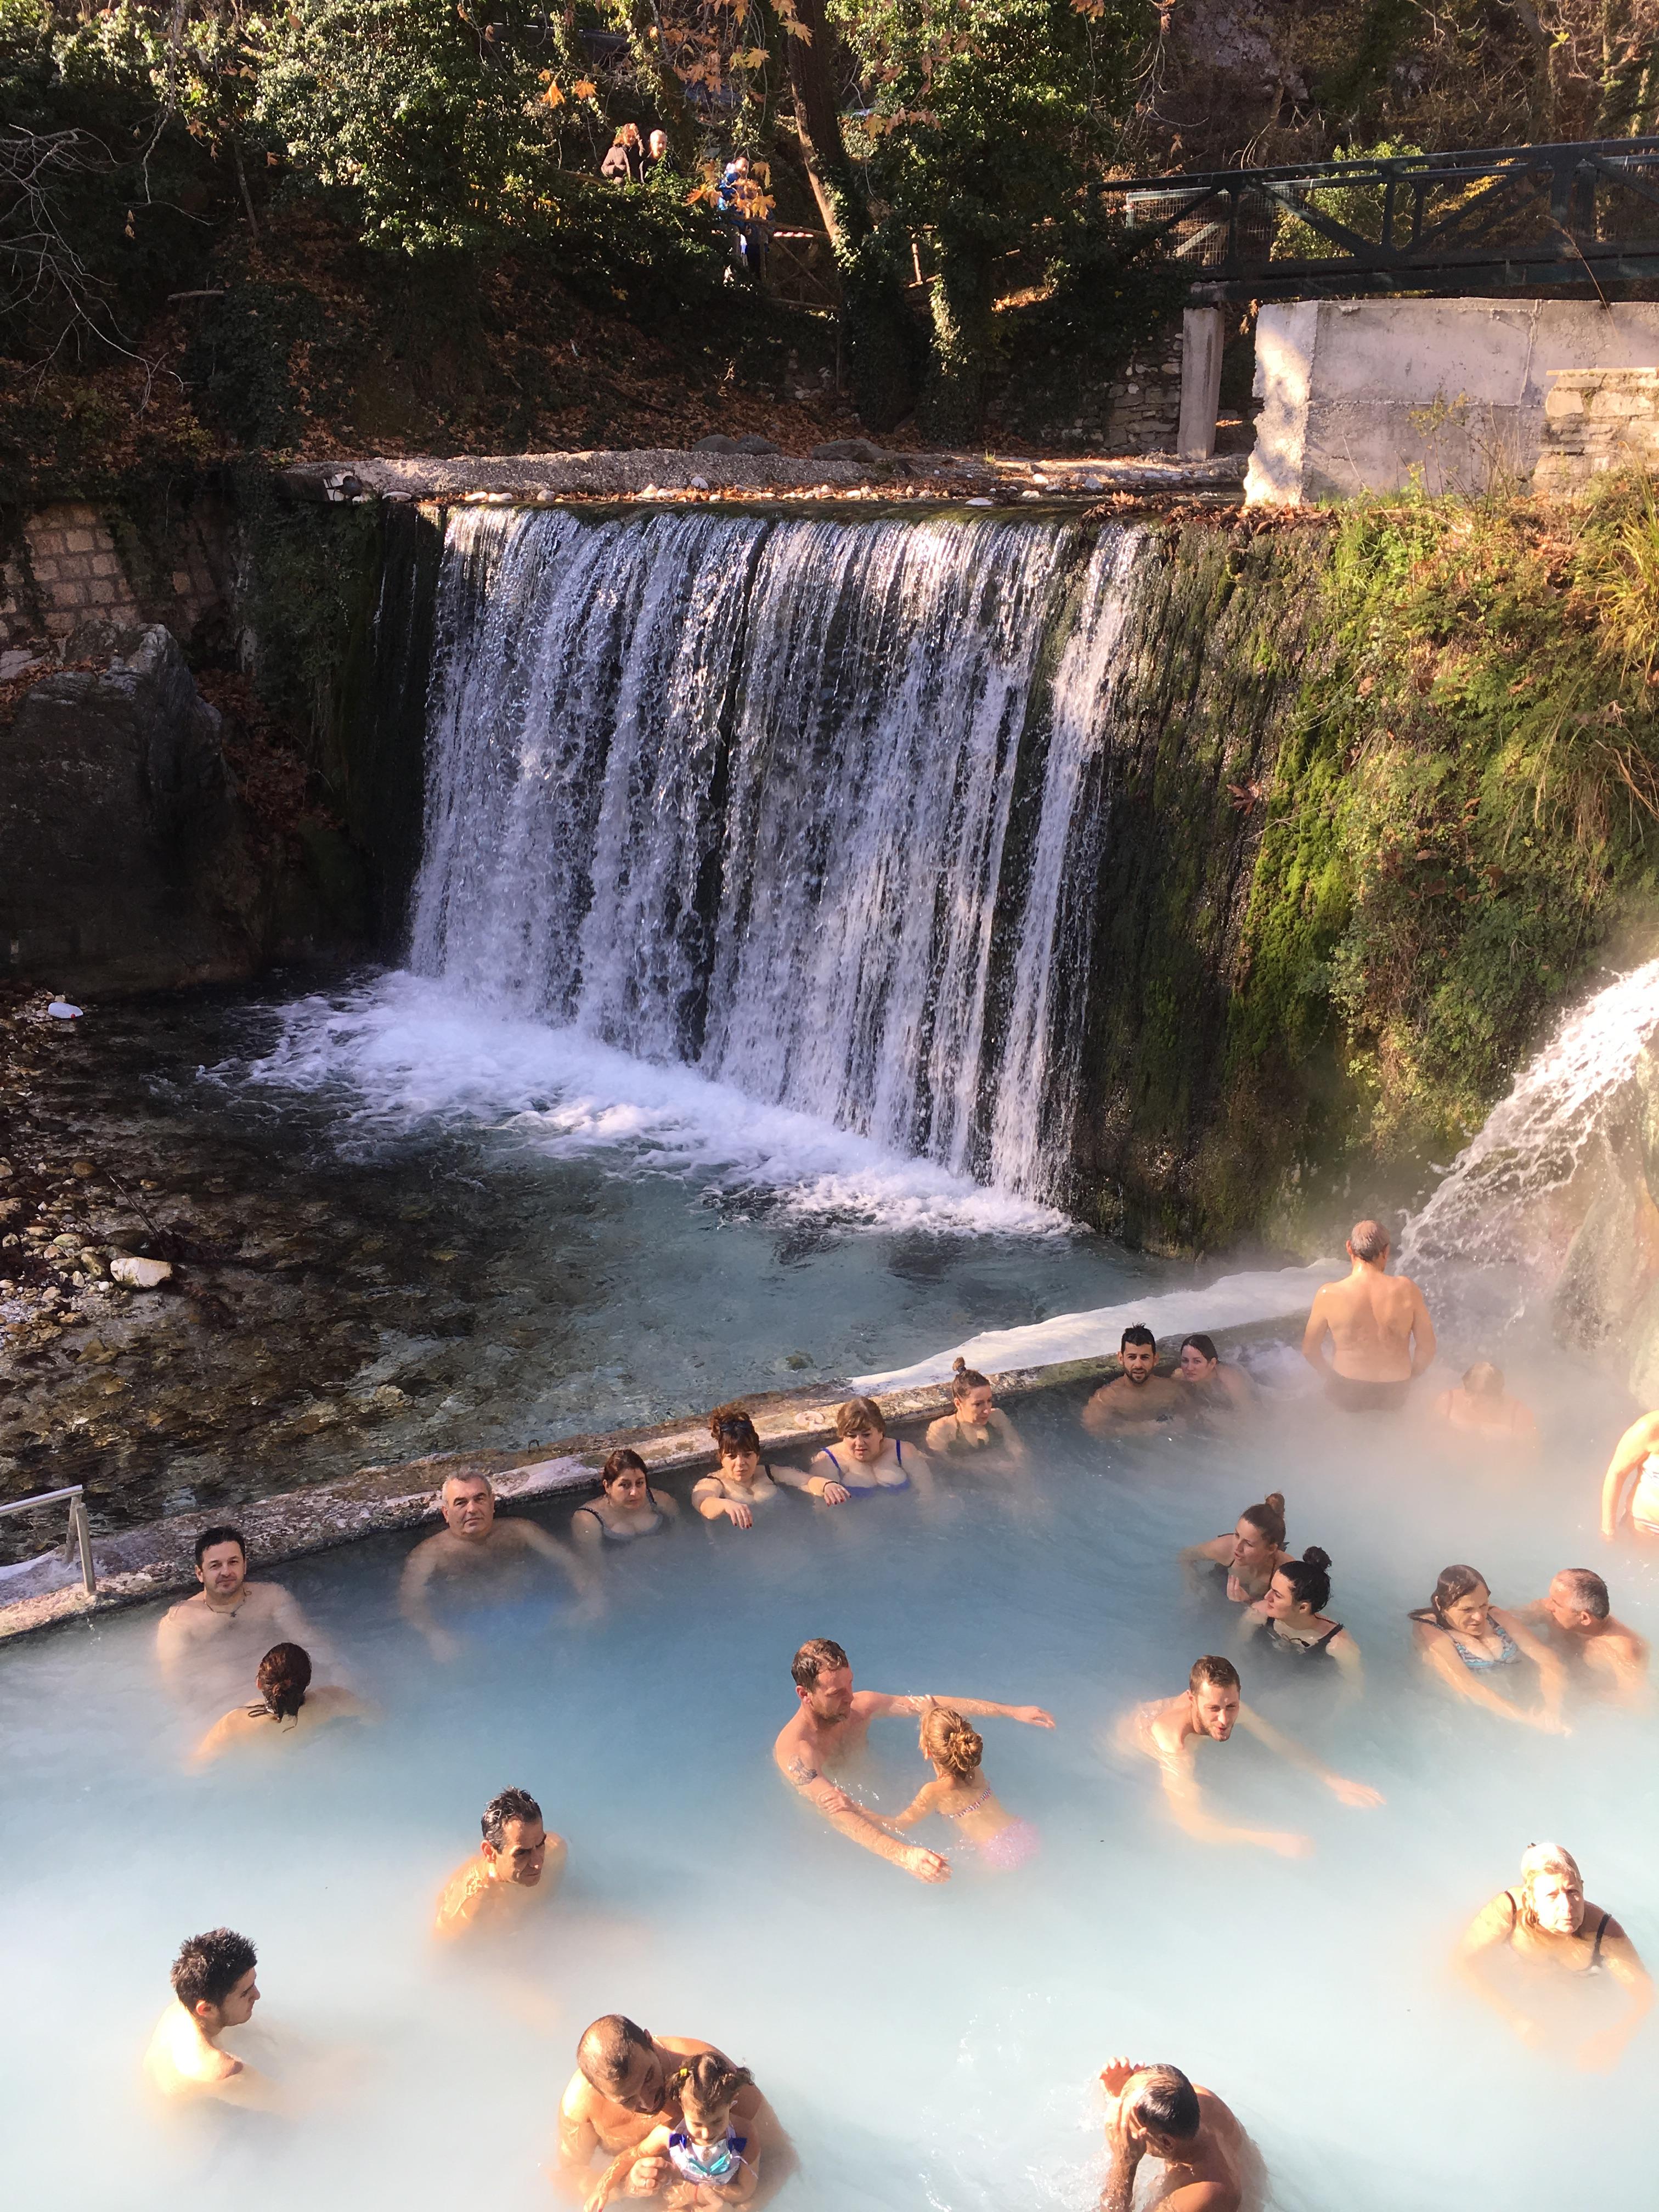 People soaking in natural springs